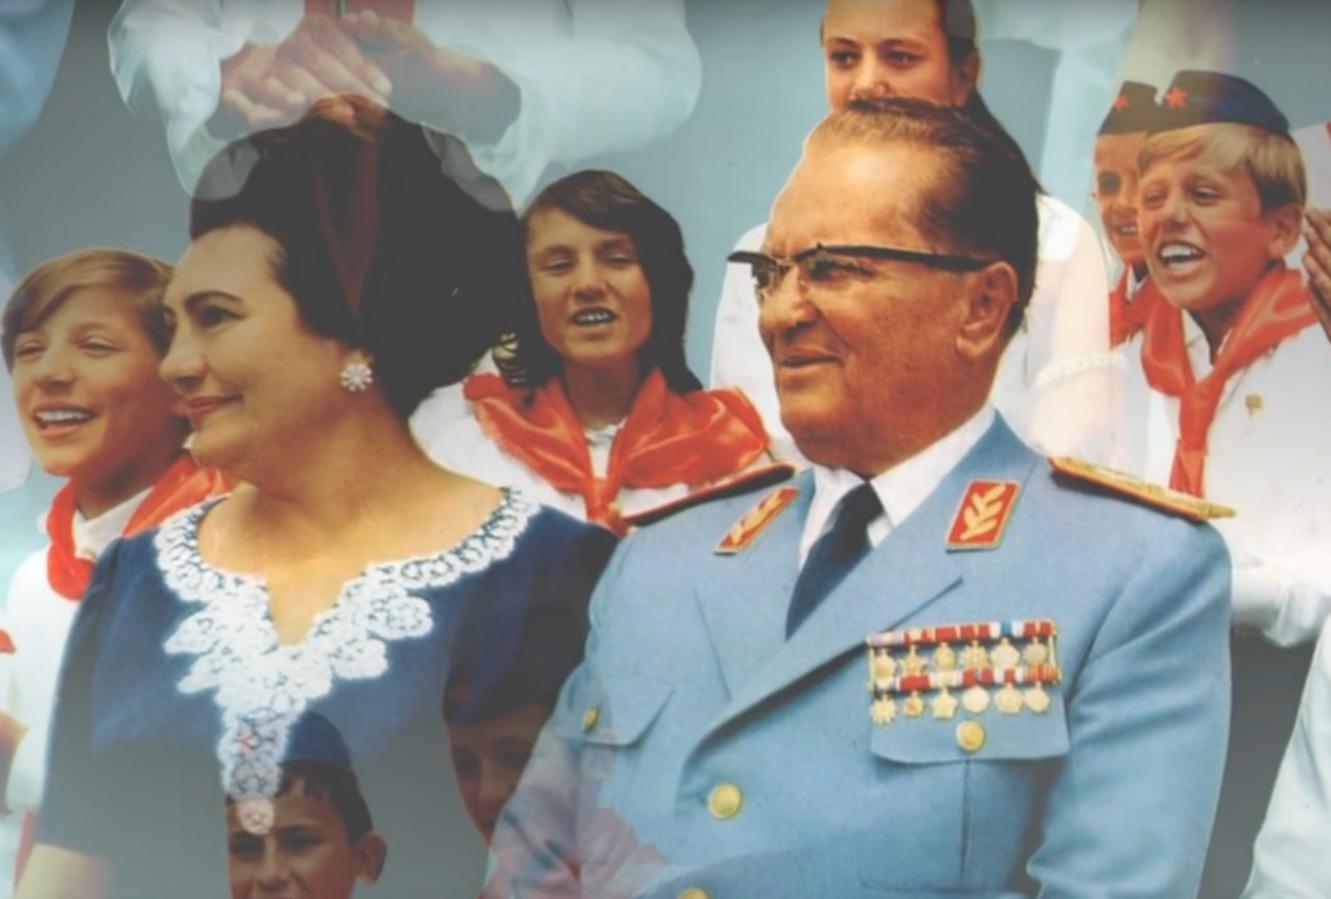 PETOKRAKA I MAŠKARE: Učenici prošetali gradom kao pioniri, Jovanka i Tito - zaradili prijavu 2